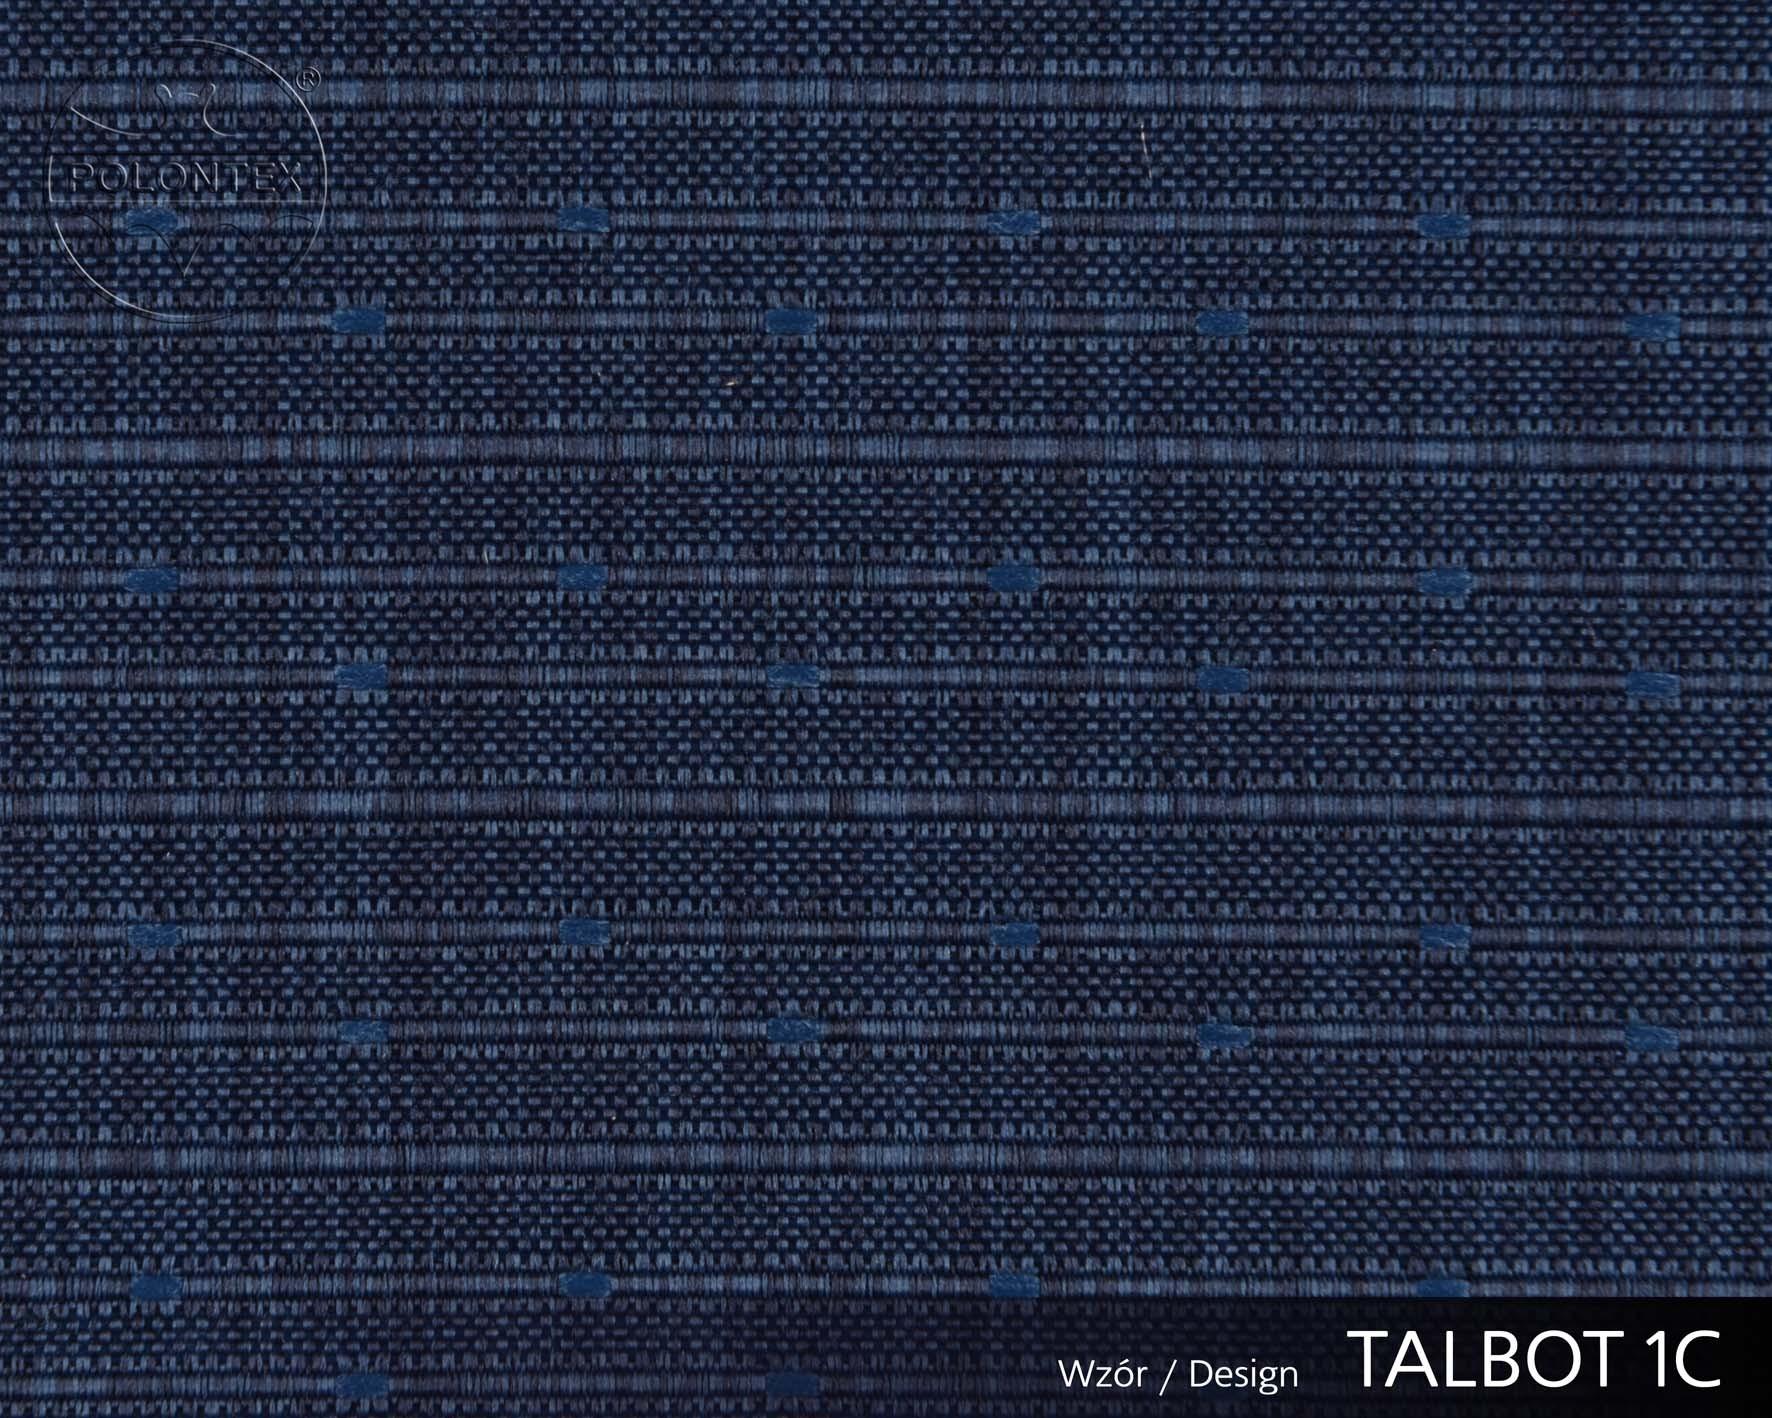 TALBOT 1C 5279